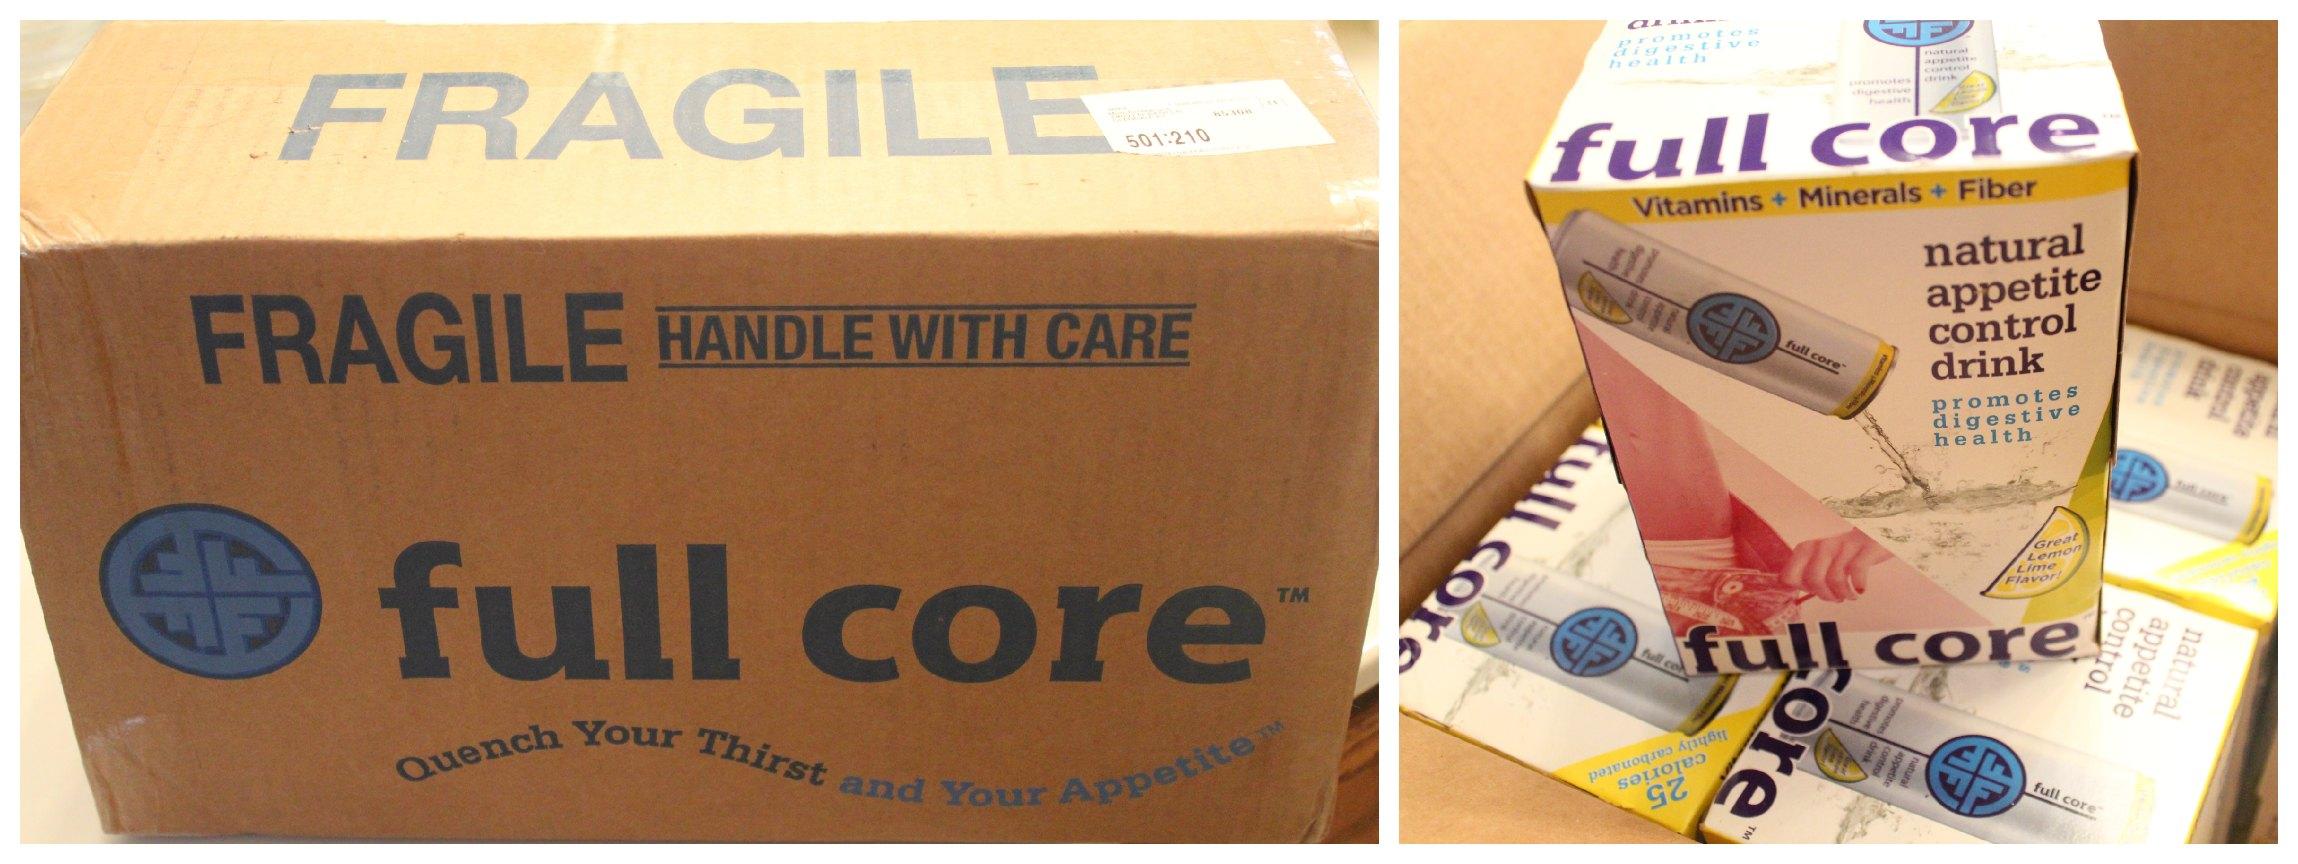 Full core shipping